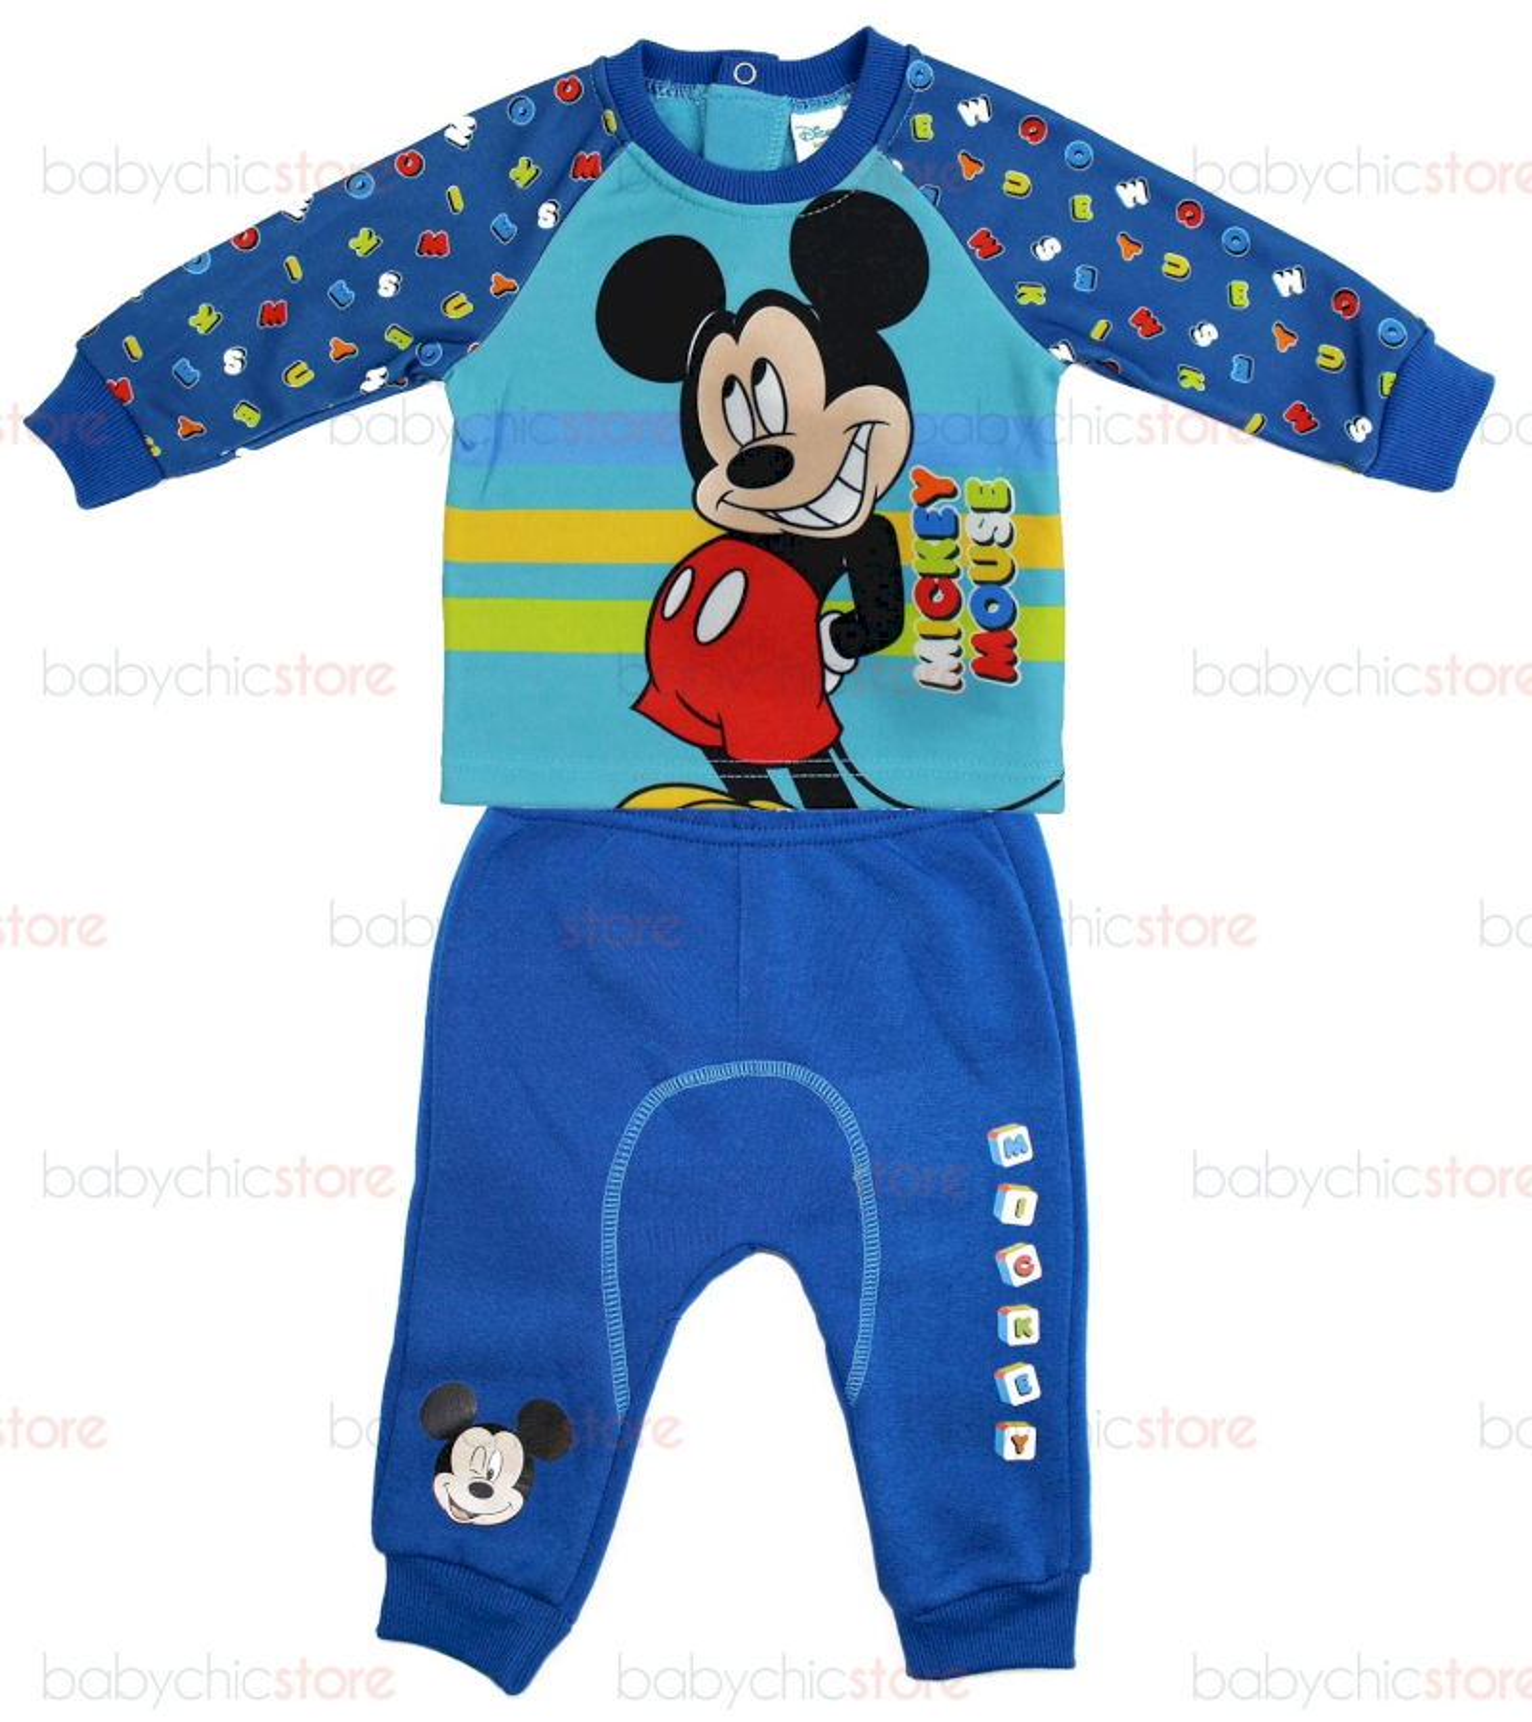 Chándal Mickey Mouse - Azul / Celeste 23M